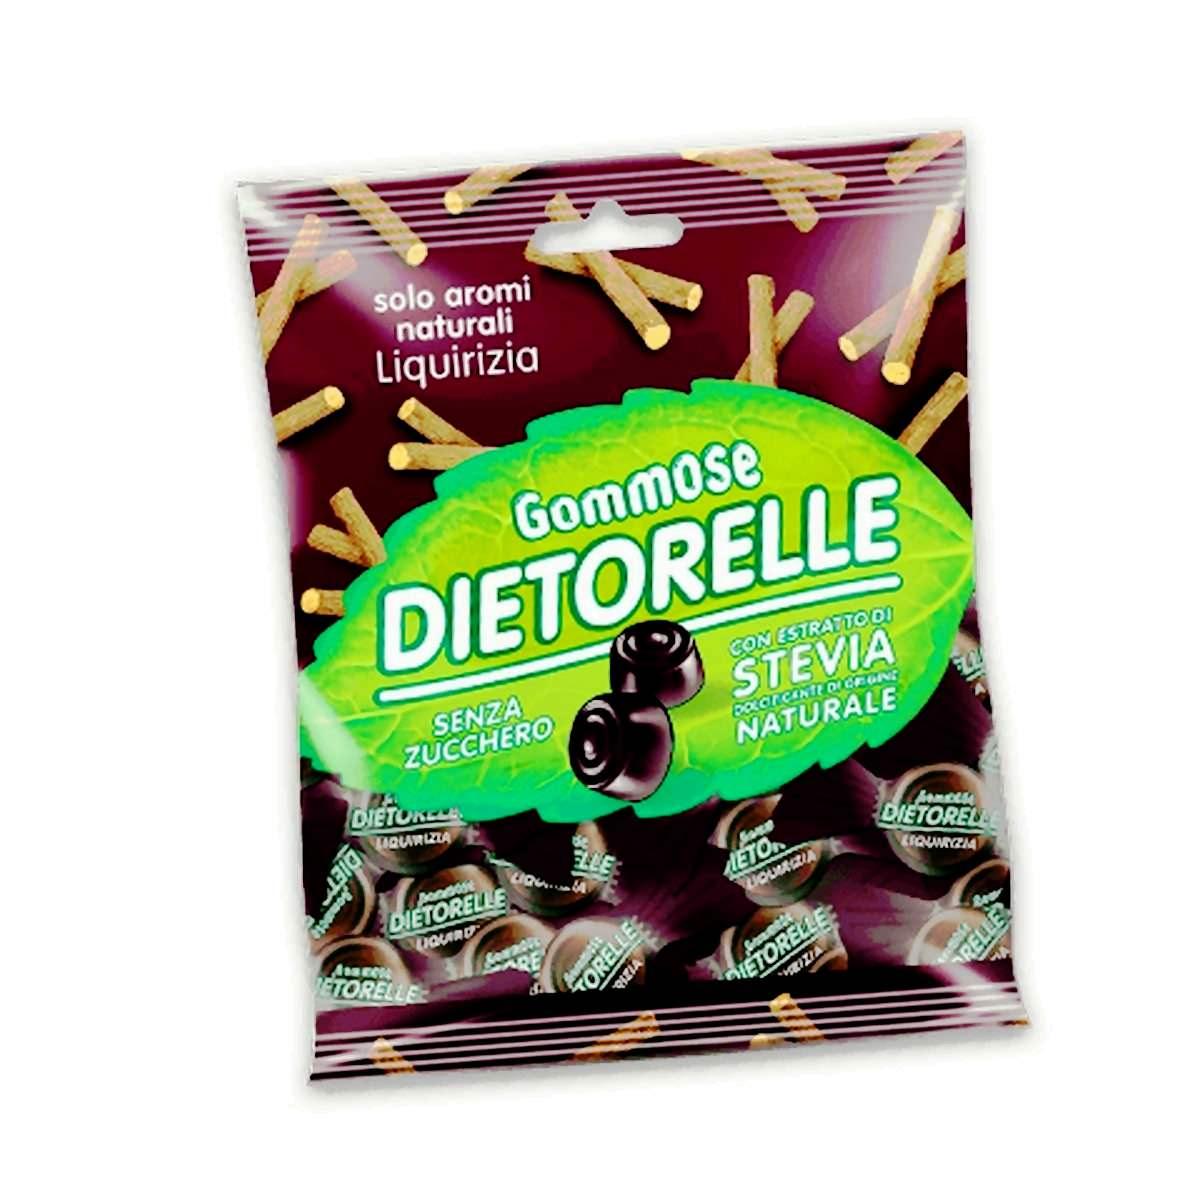 DIETORELLE caramelle, estratto di stevia nelle caramelle senza zucchero 3 alimenti